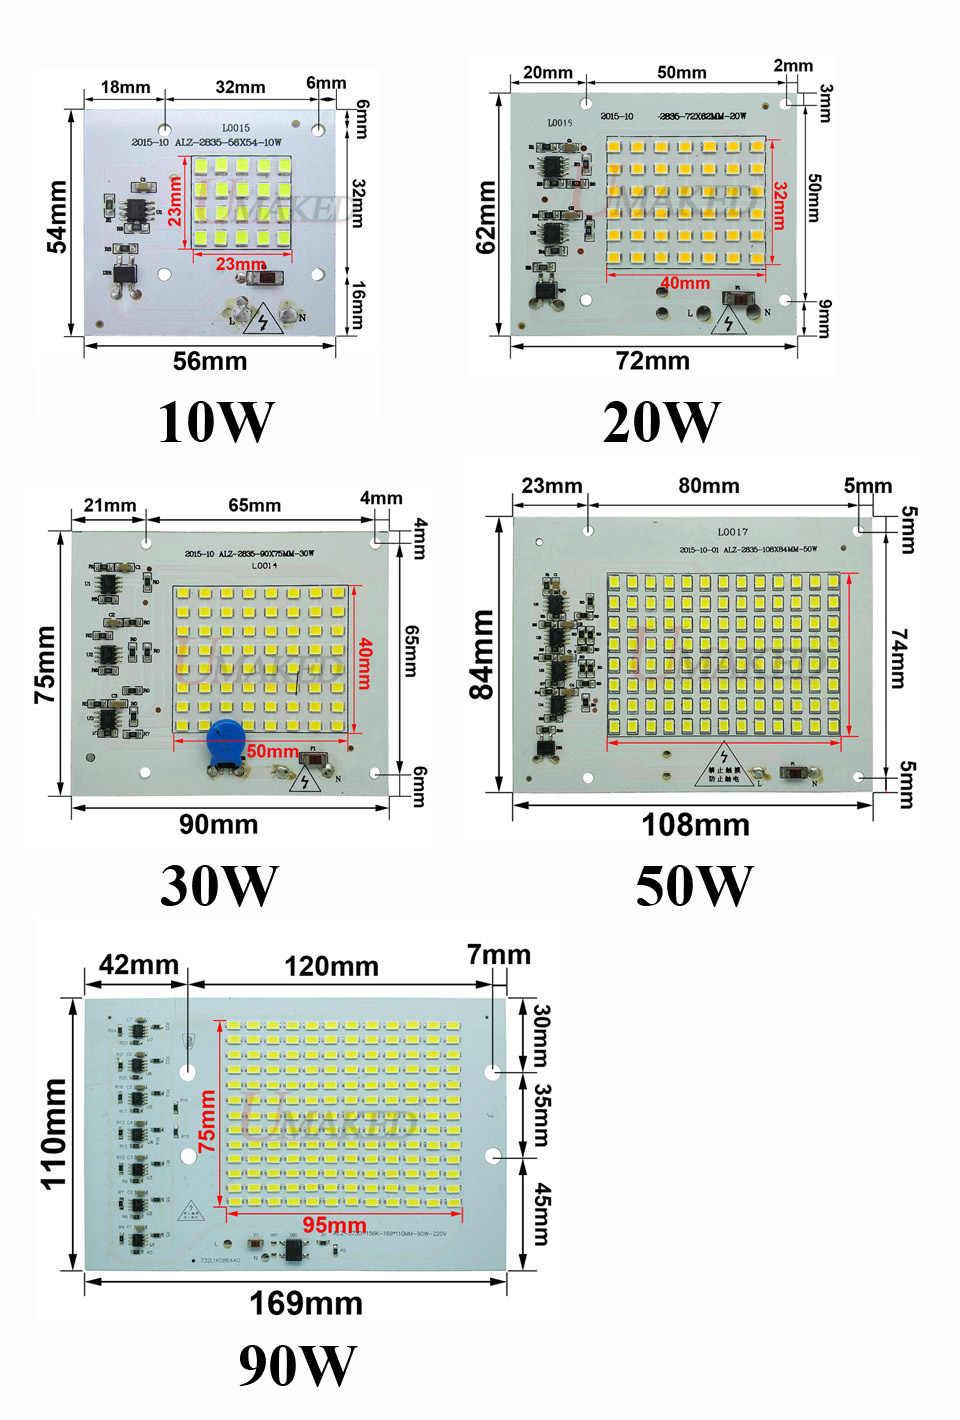 1/10/50 PCS COB LED Lampen Chip Lamp Smart IC 220V 90W 50W 30W 20W 10W Voor Outdoor Schijnwerper Warm Wit/Wit Hoge kwaliteit